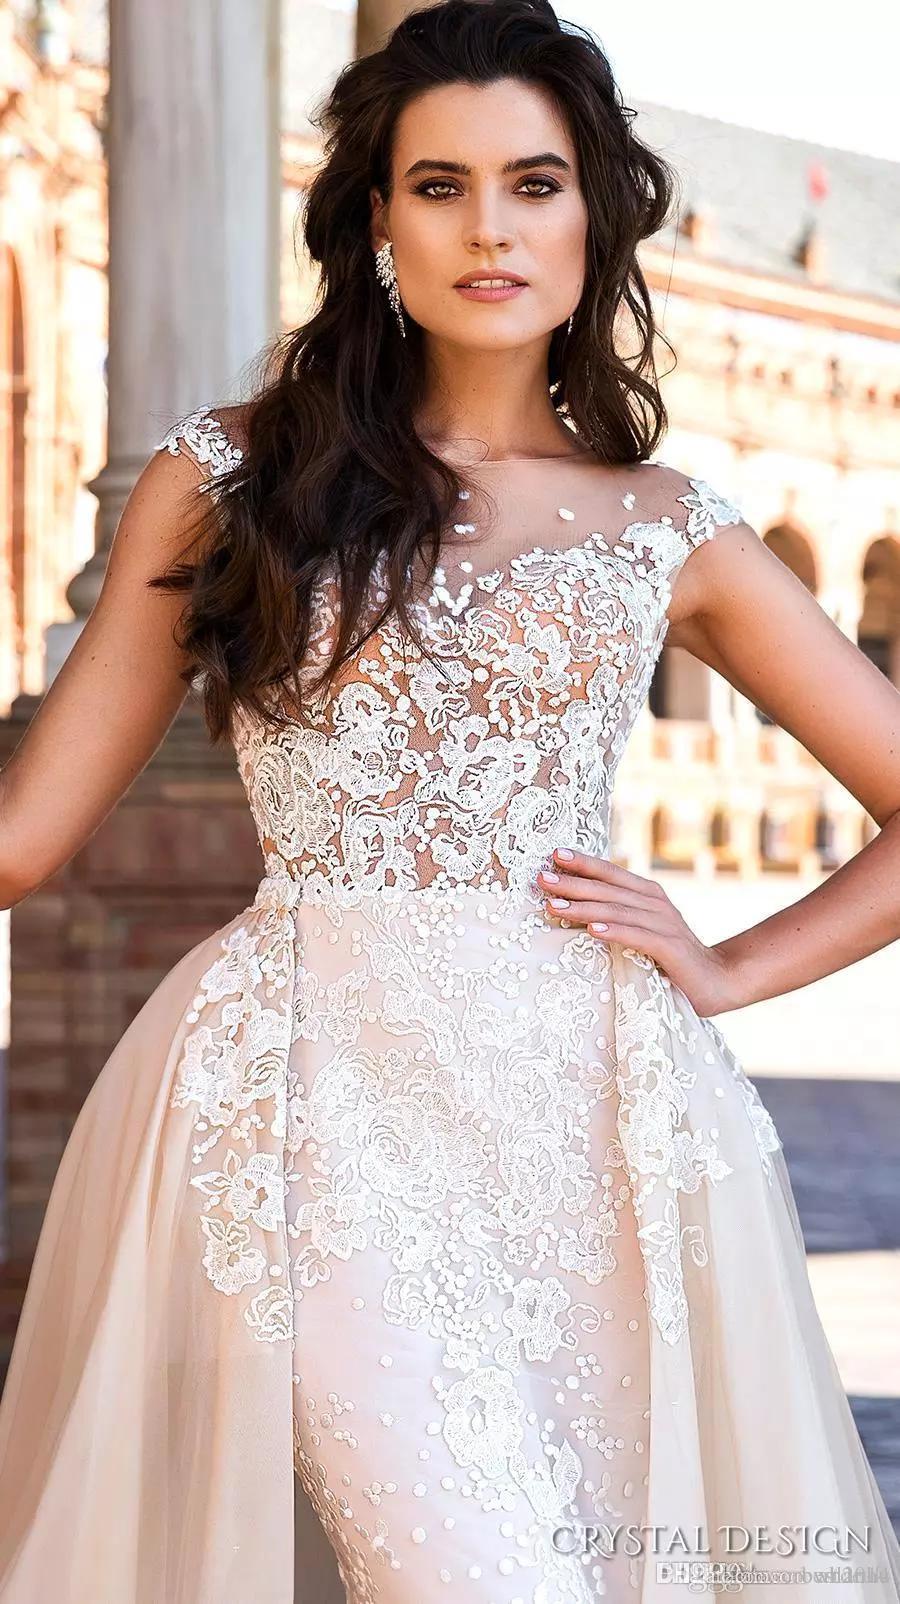 PROJETO DE CRISTAL 2019 Voltar Train Sheer vestidos de noiva tampado da luva Jewel Neck bordado destacável saia Bainha vestidos de casamento Baixo Longa